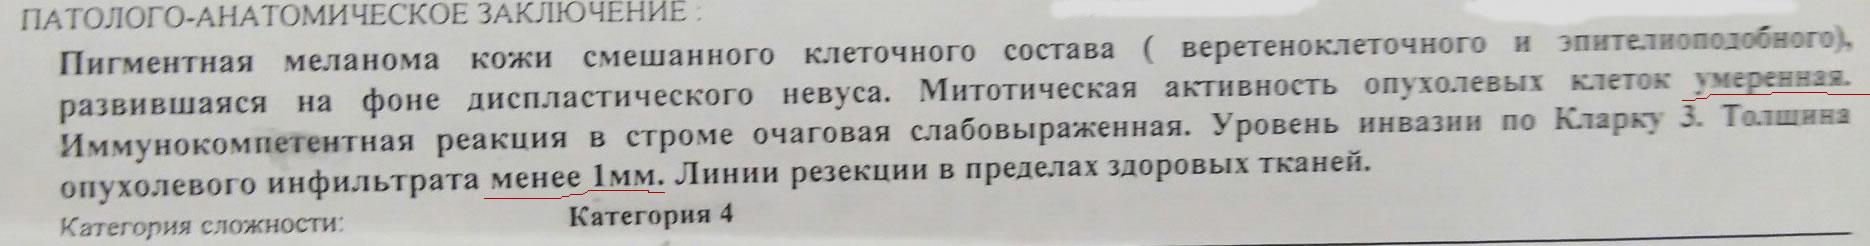 Гистология. Меланома. Россия